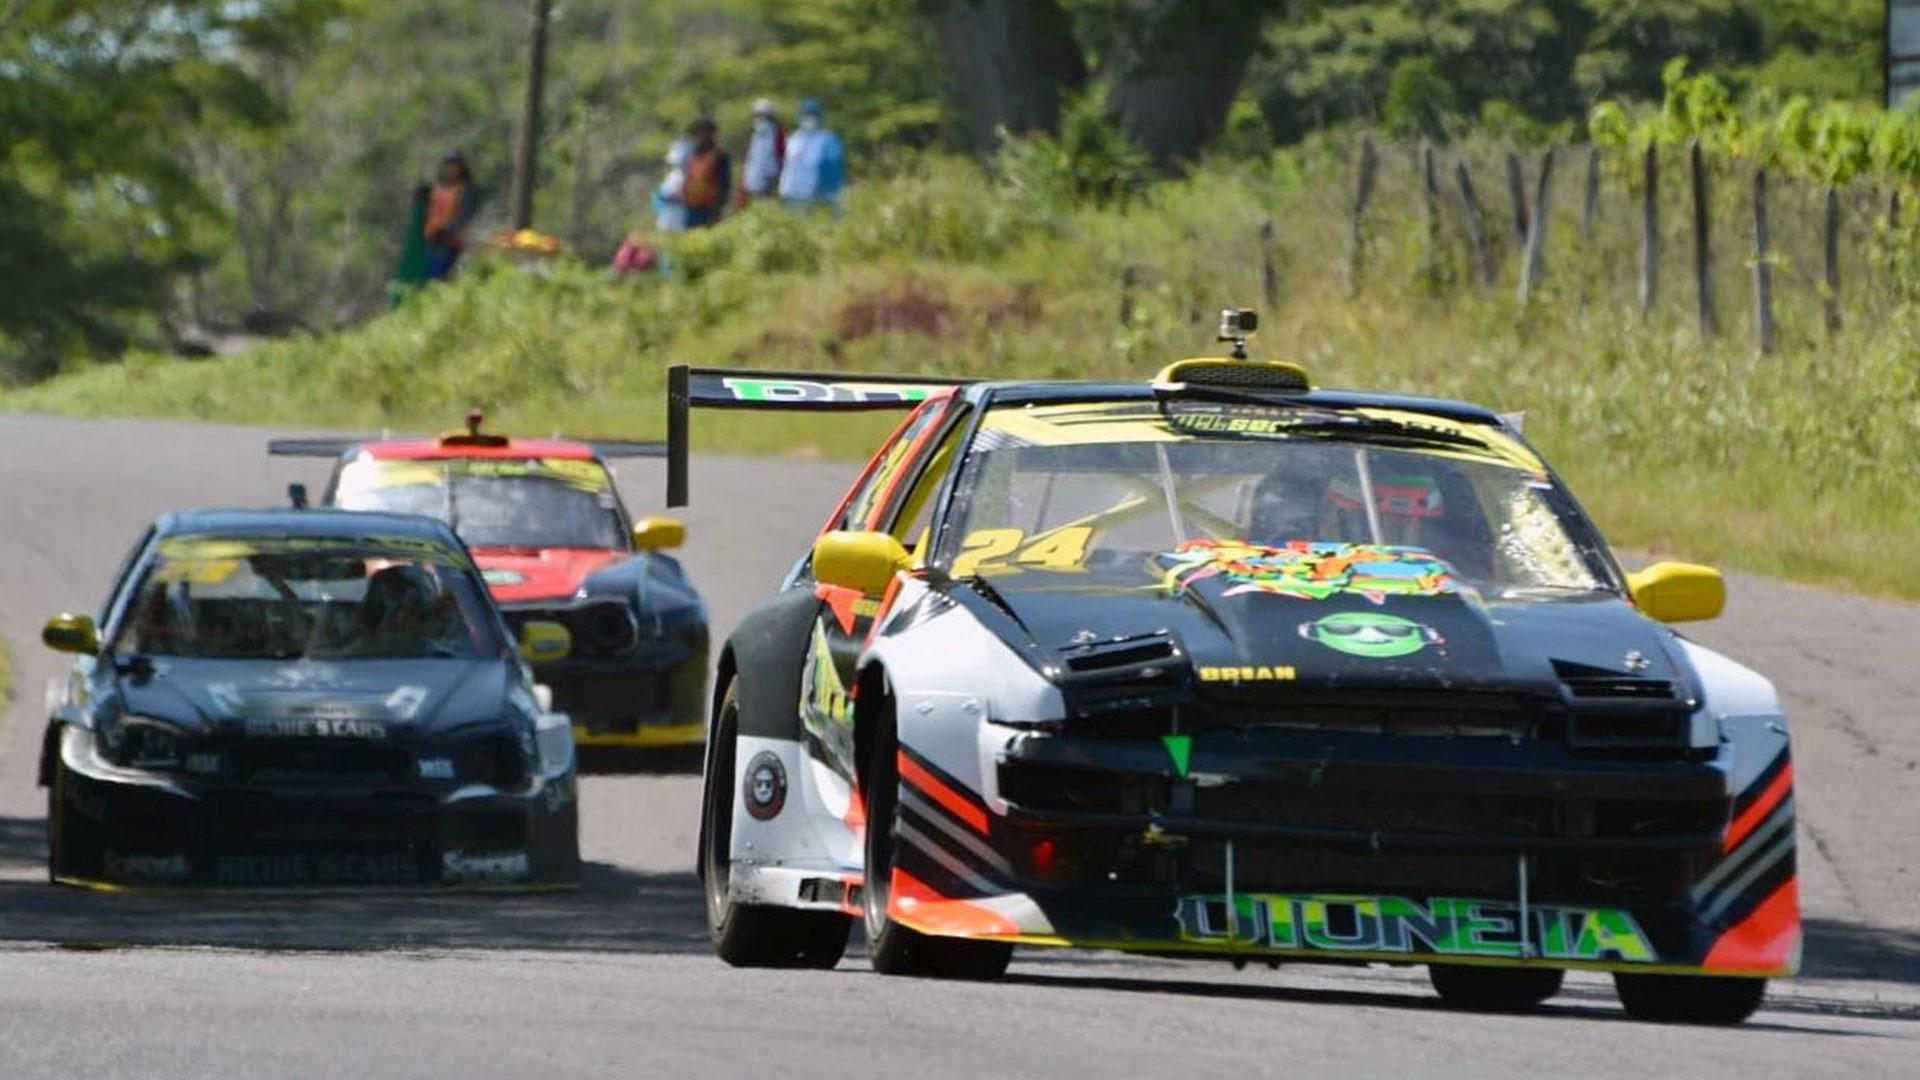 El piloto nacional Brian Palma triunfa con autoridad en la división GTR - Prensa Libre